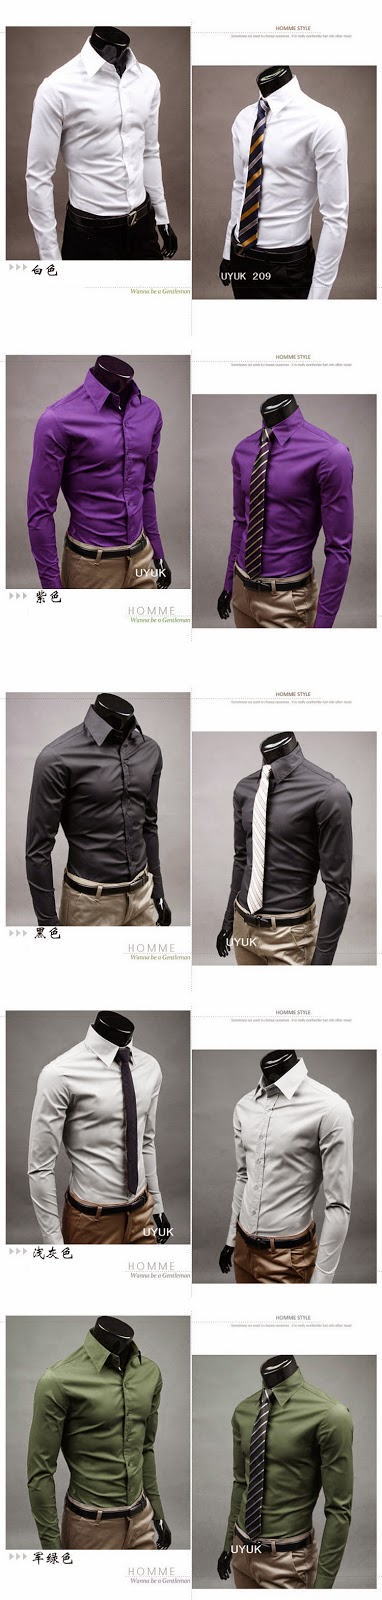 Kemeja Lelaki Slim Fit, kemeja lelaki, kemeja formal, men slim fit, korean shirt, korean formal shirt, korean slim fit, malaysia, korean malaysia kemeja, kemeja online korea, kemeja lengan panjang slim fit, slim fit kemeja korea, kemeja slim fit malaysia